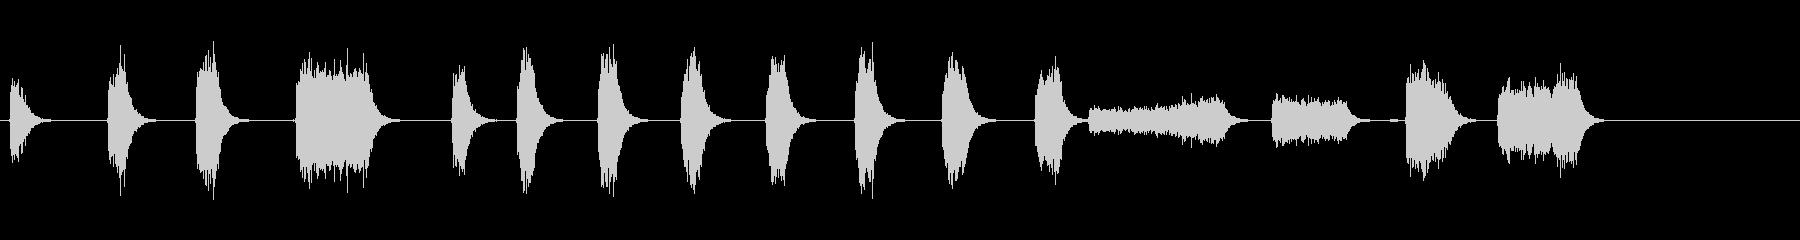 エアチゼル;ガレージリバーブを使用...の未再生の波形